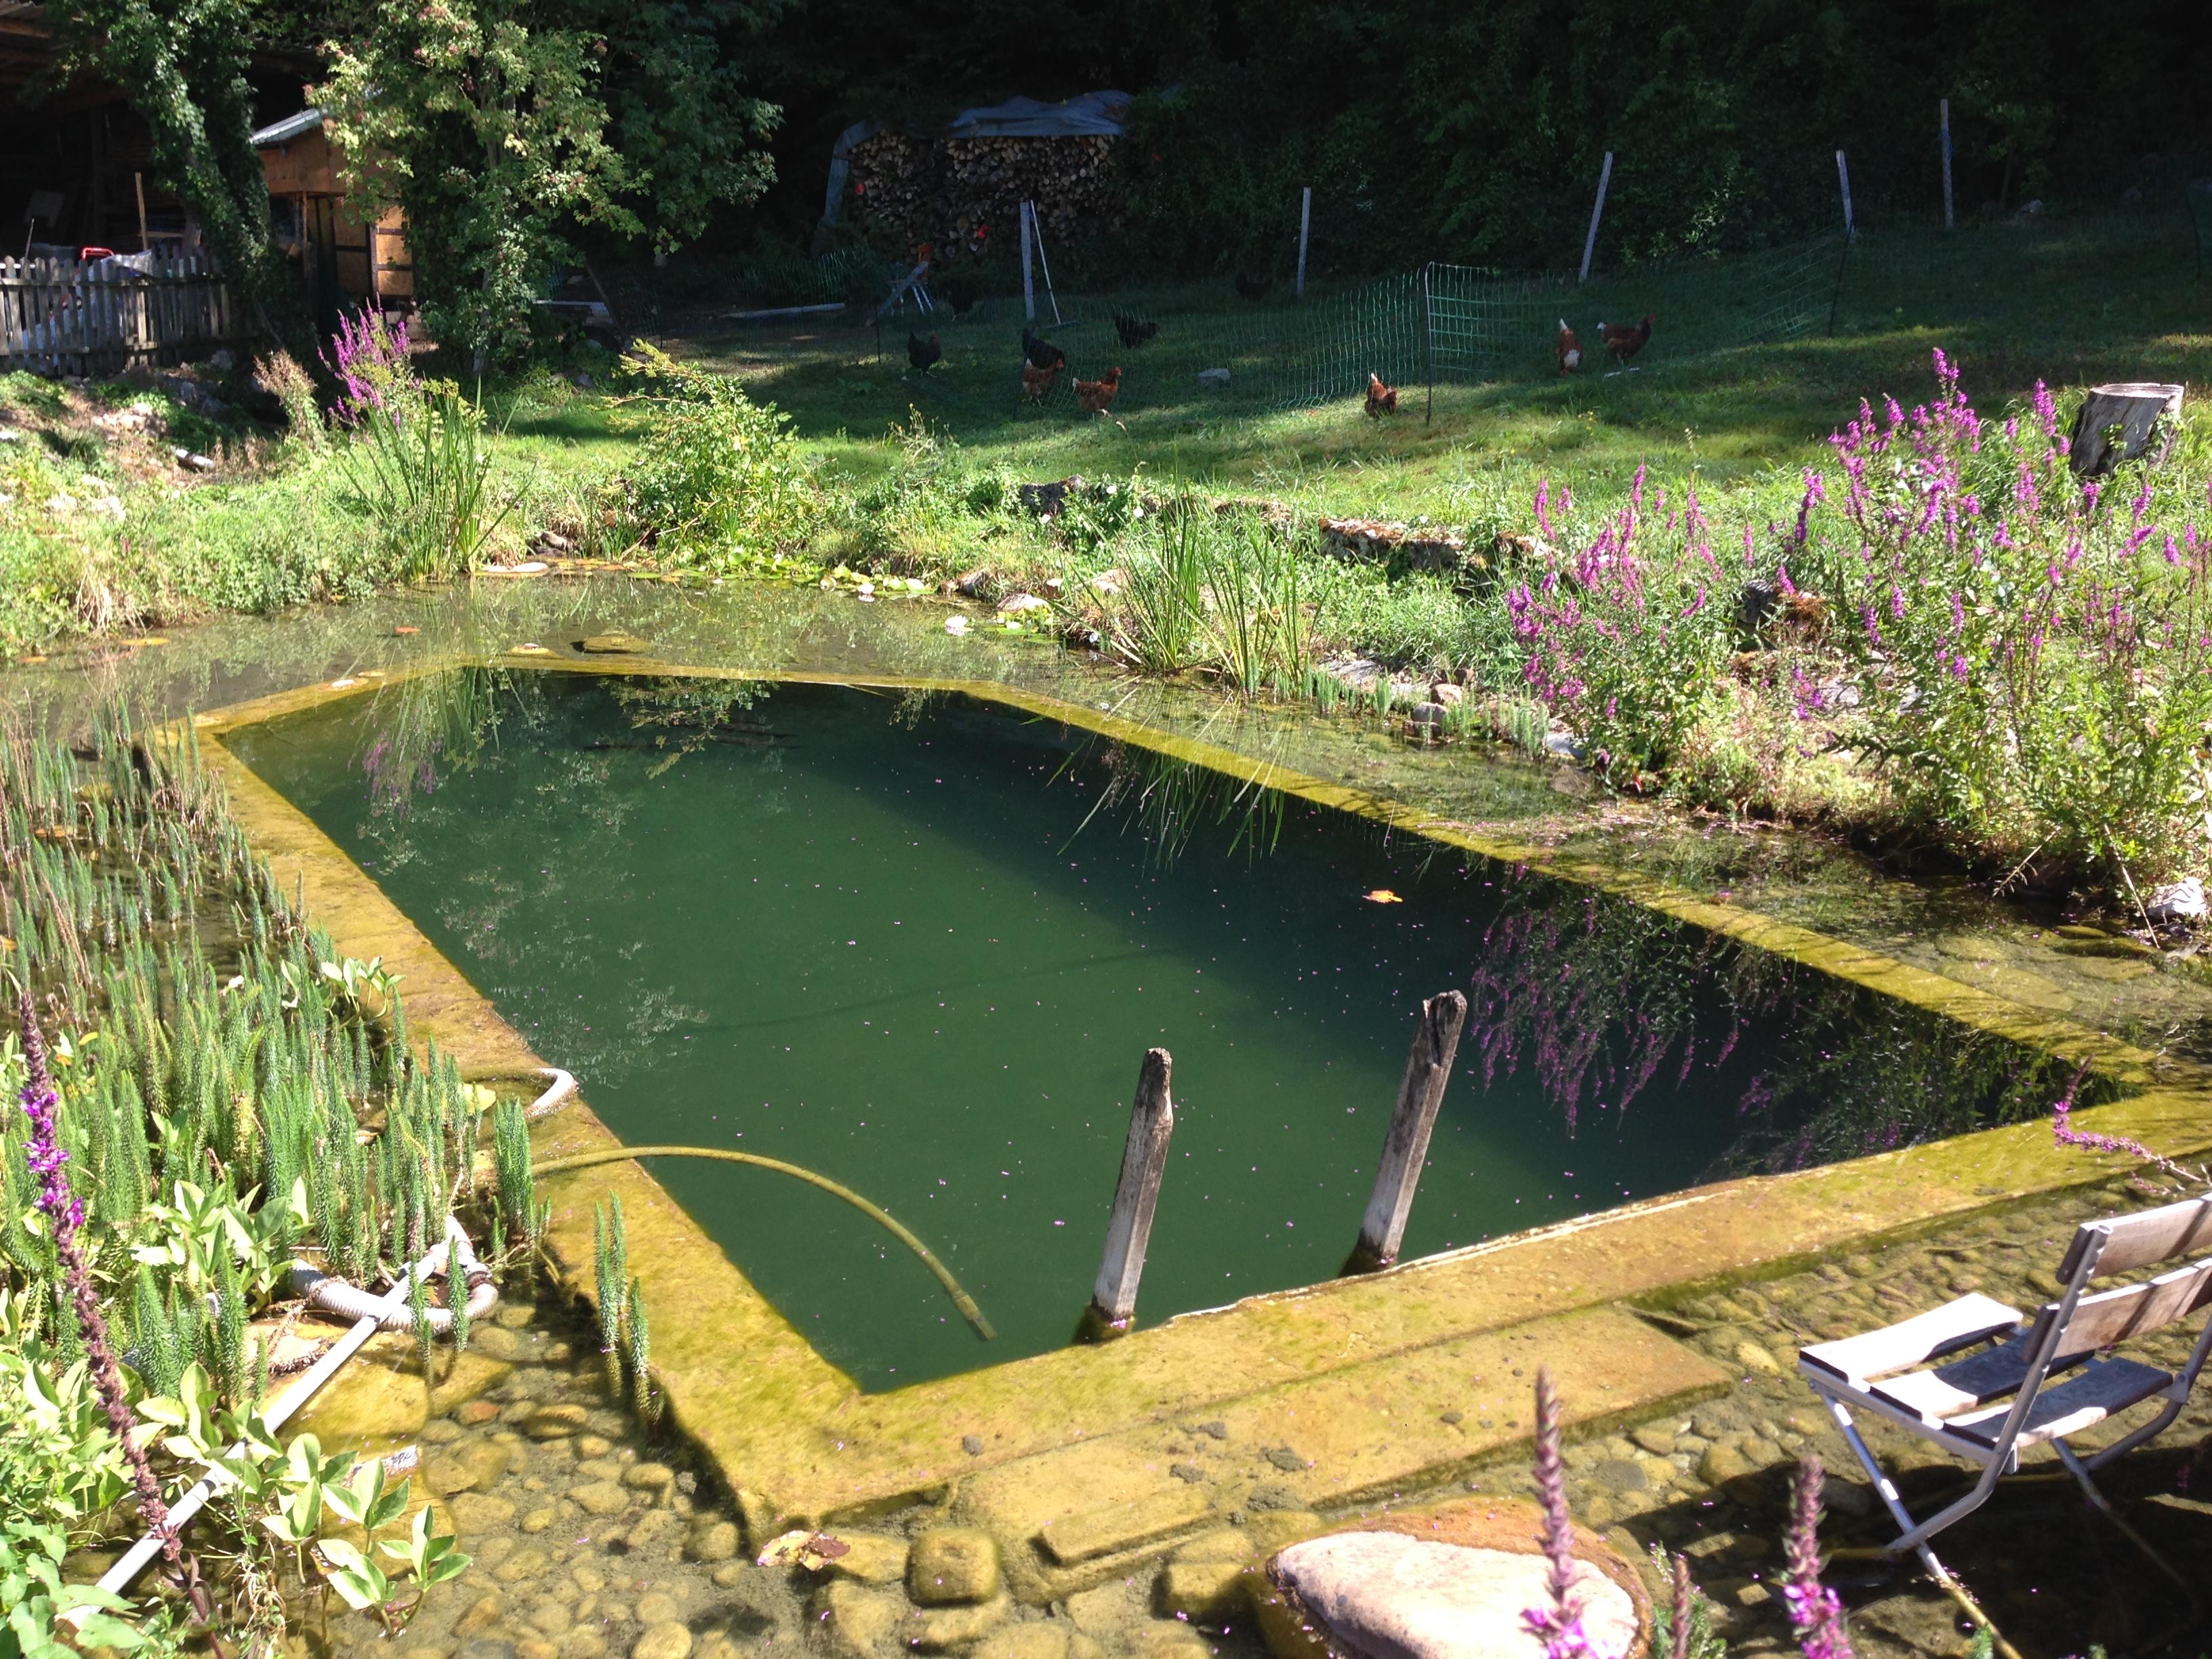 Ein Naturbecken, gespeist von einer Quelle